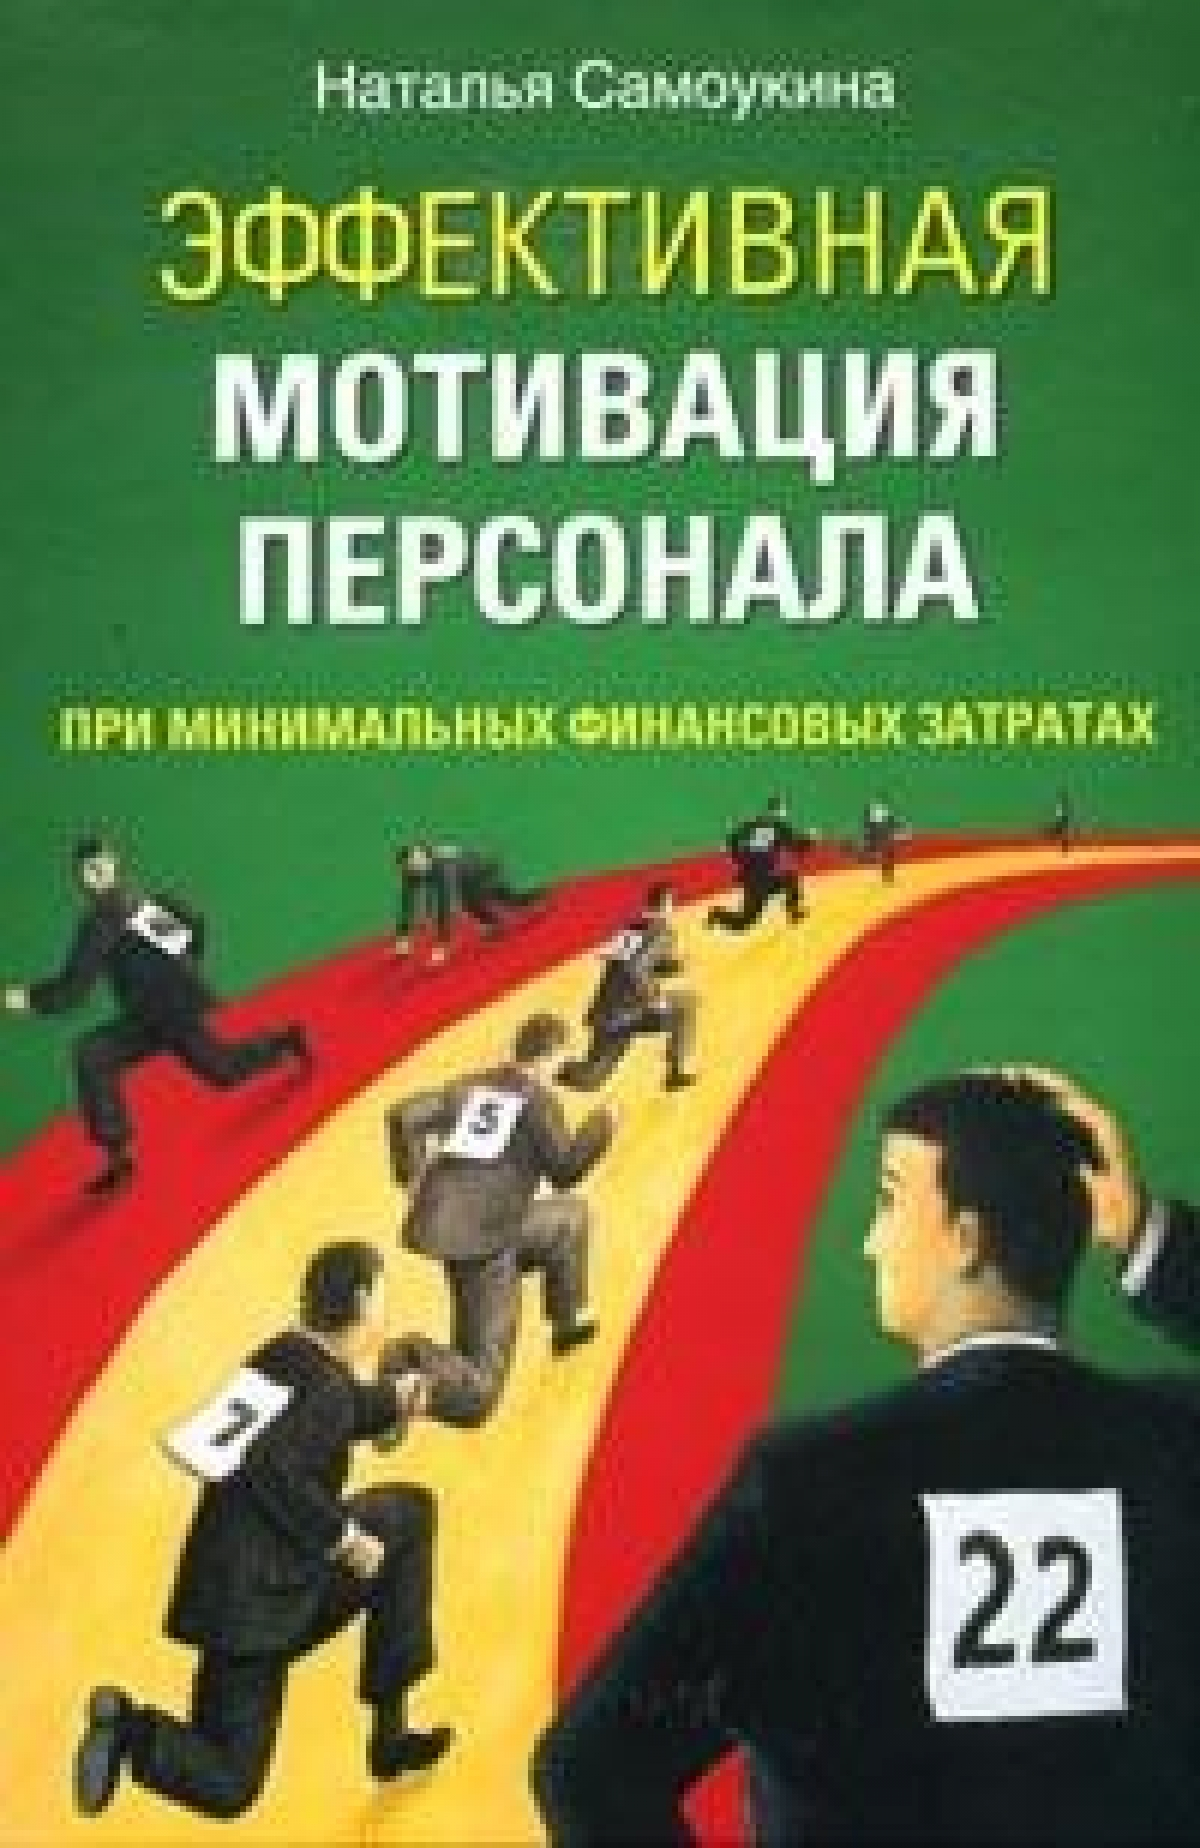 Обложка книги:  наталья самоукина - эффективная мотивация персонала при минимальных финансовых затратах